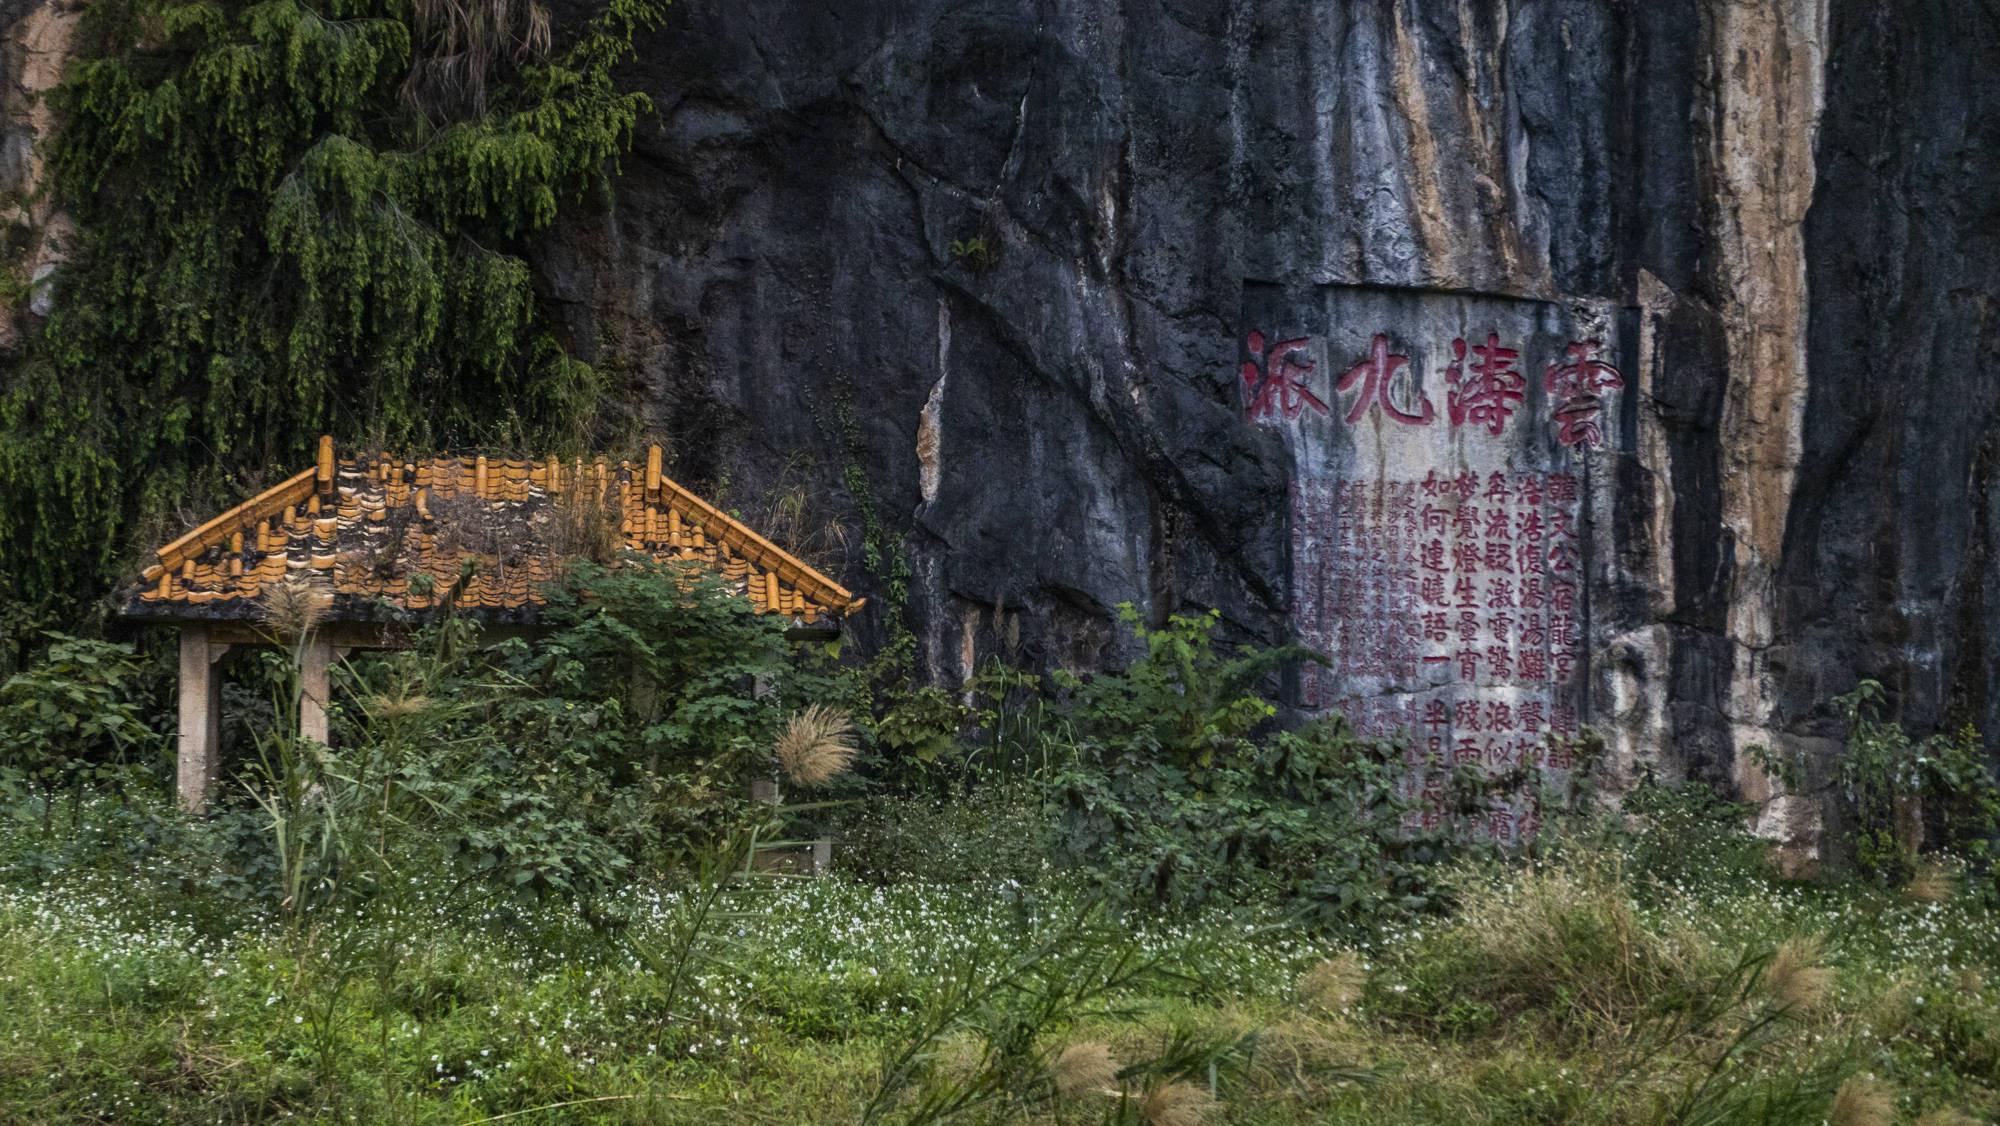 """广东有个小众秘境,湟川三峡秀美险峻,被誉为""""岭南诗画走廊"""""""